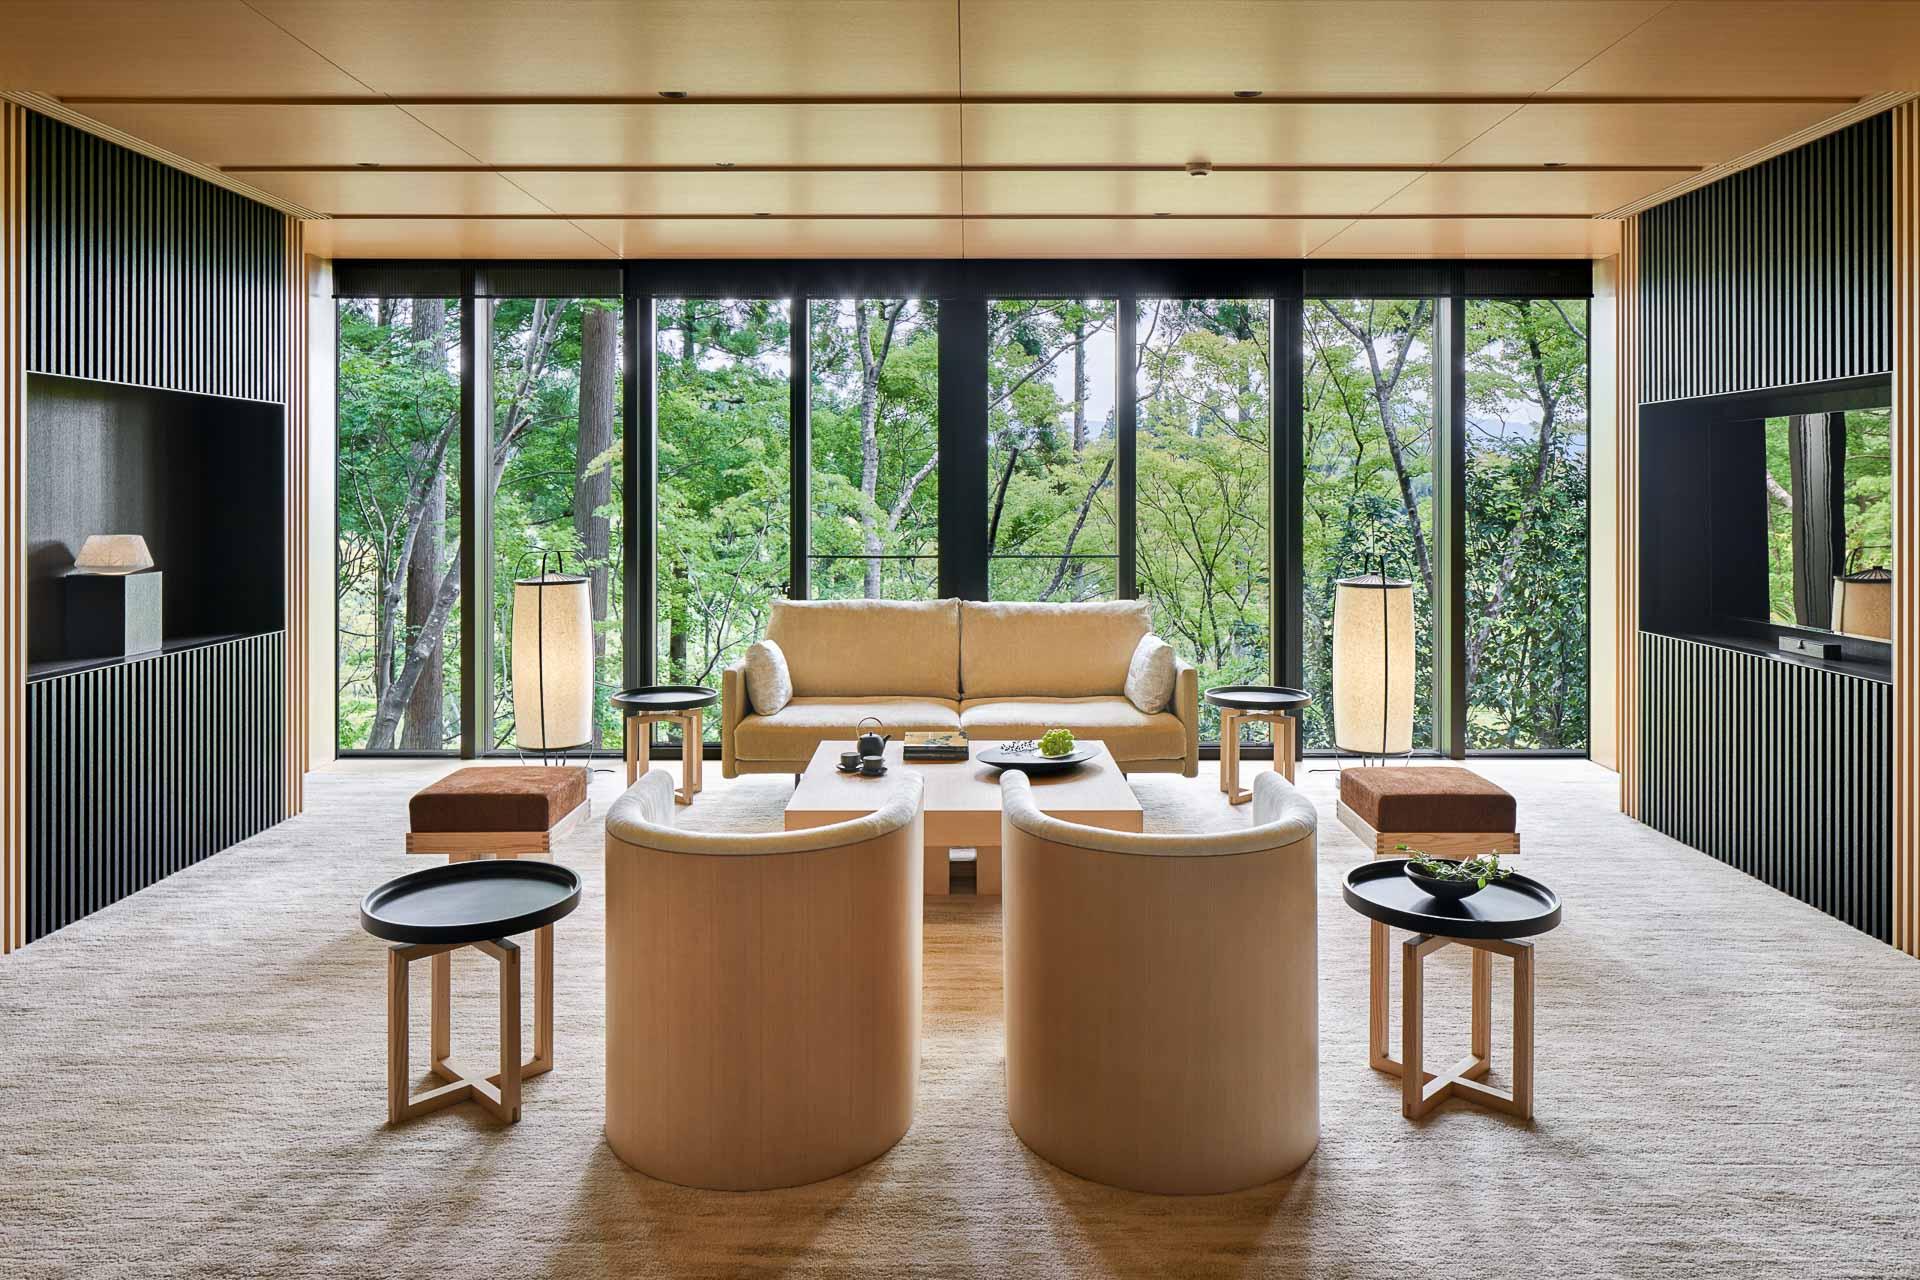 Attendu depuis de longues années, l'Aman Kyoto, troisième propriété d'Aman au Japon, s'apprête à ouvrir ses portes dans l'ancienne capitale impériale du pays. Découvrez les premières images de cette nouvelle adresse exceptionnelle.